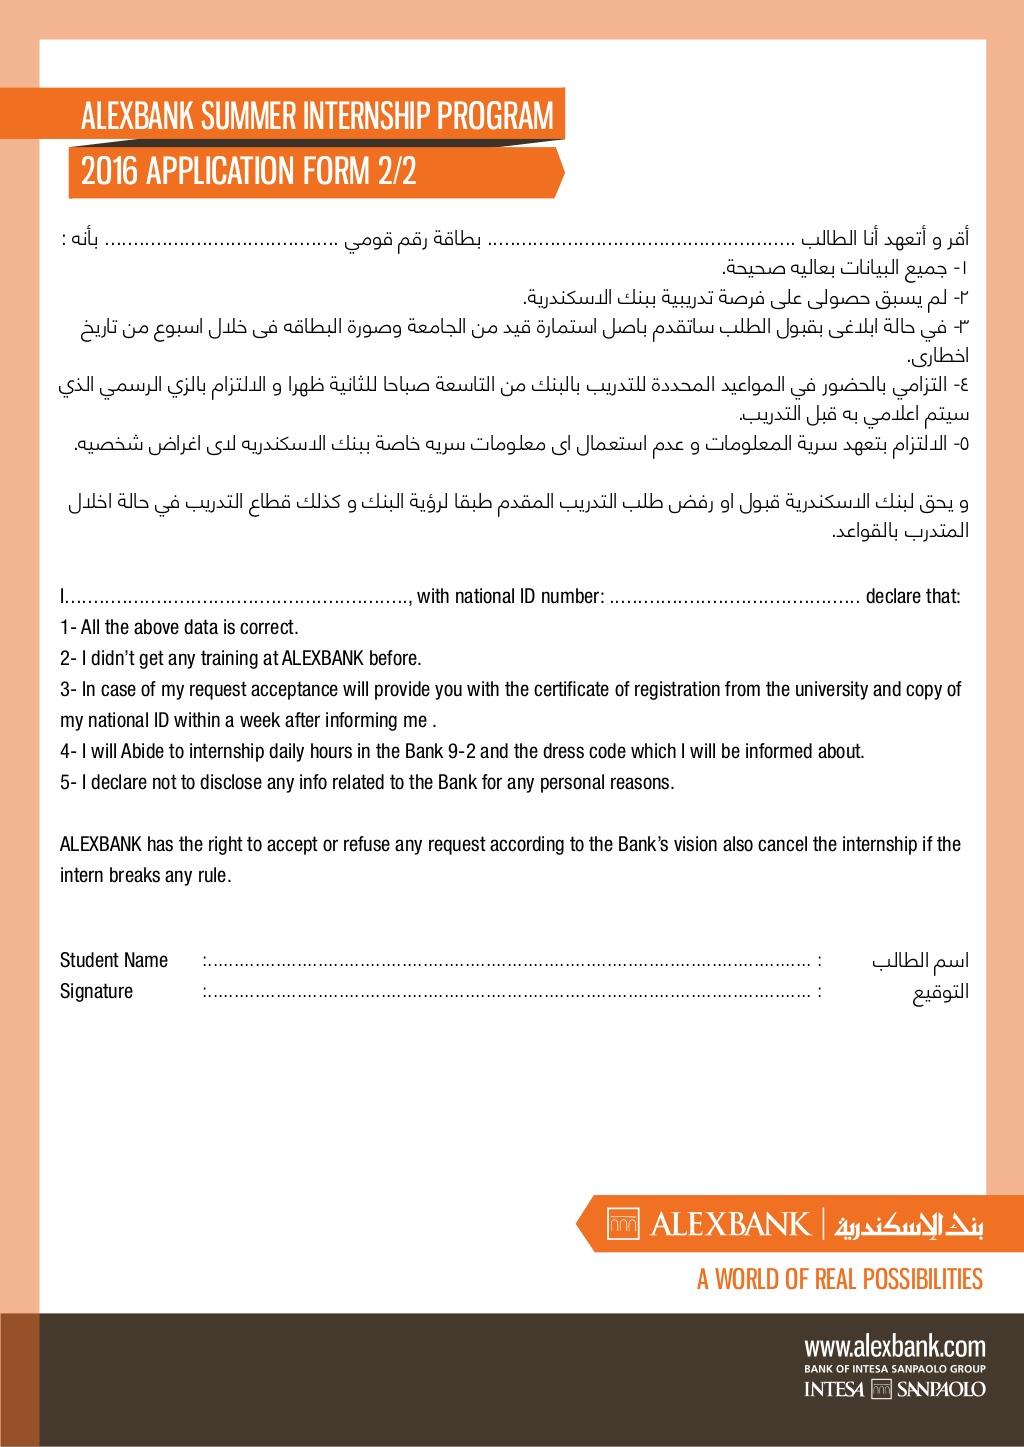 تدريب بنك اسكندرية الصيفي للطلاب 2016